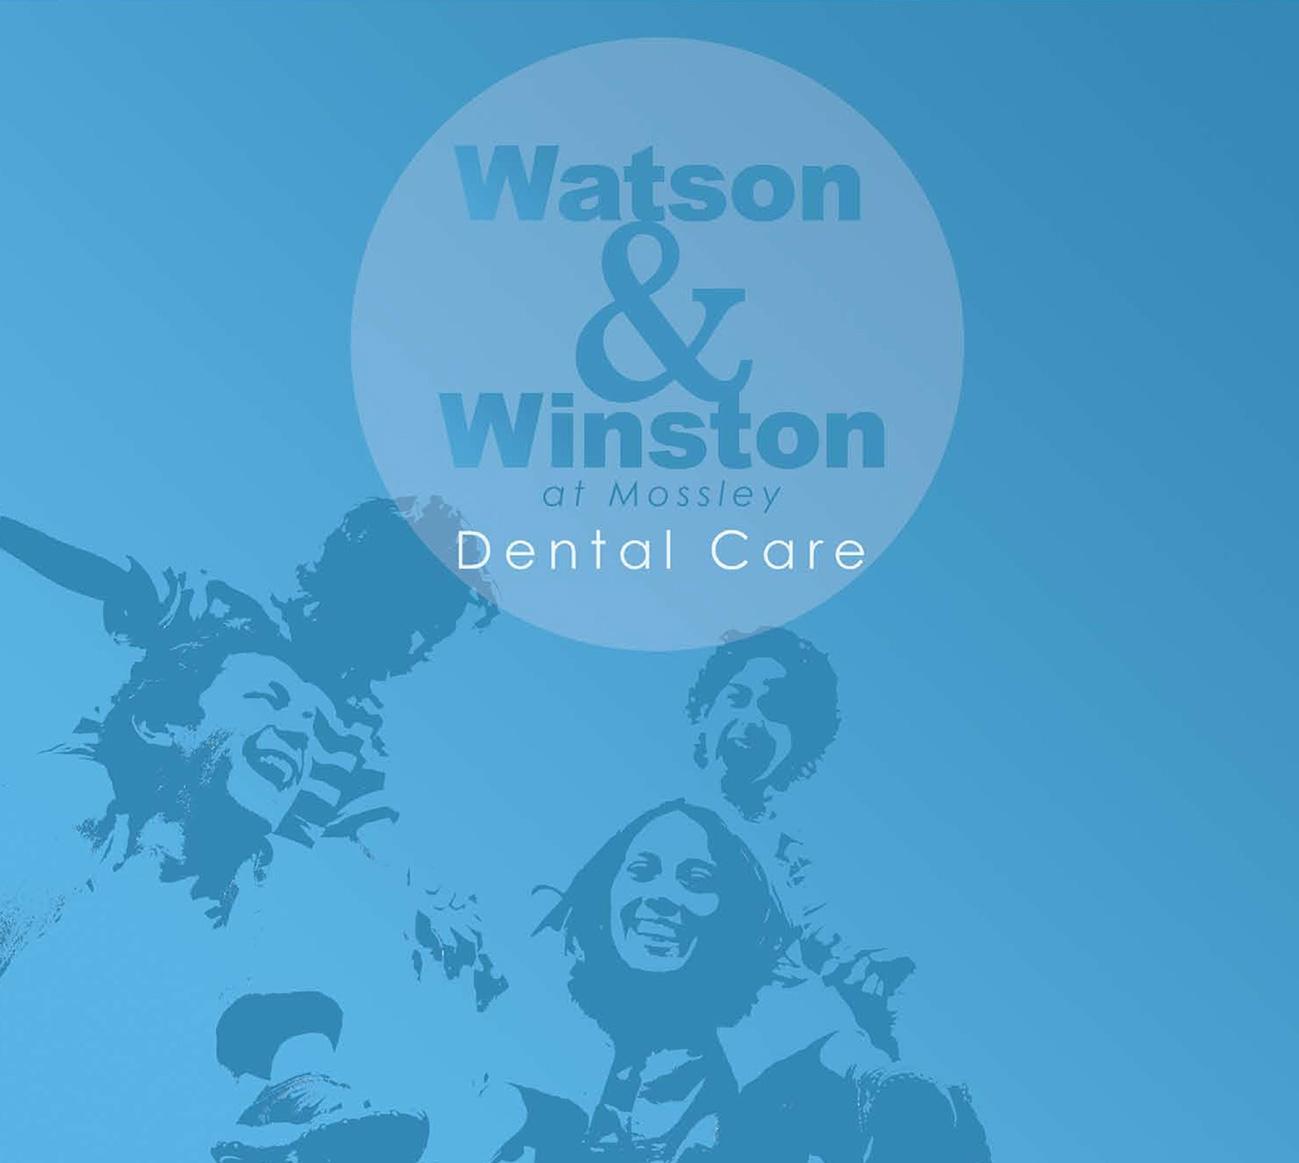 Watson & Winston.jpg